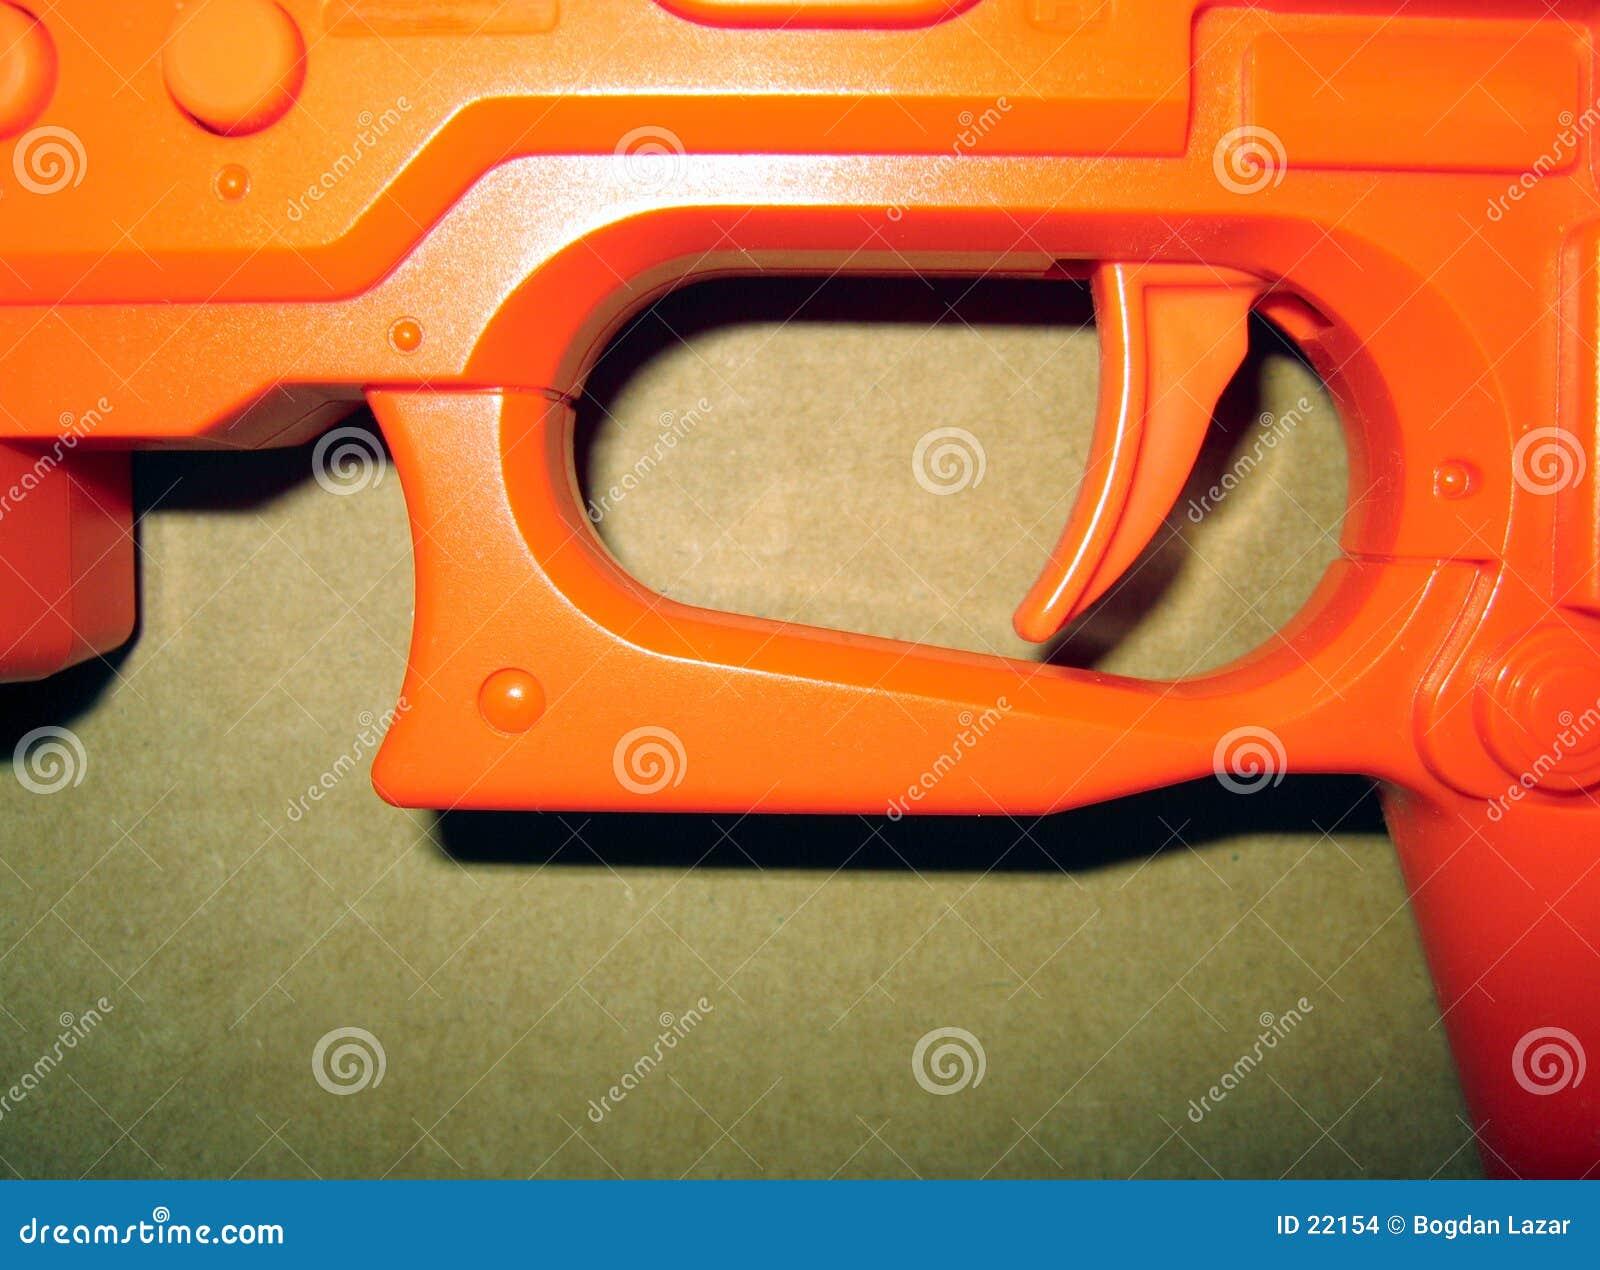 Orange trigger